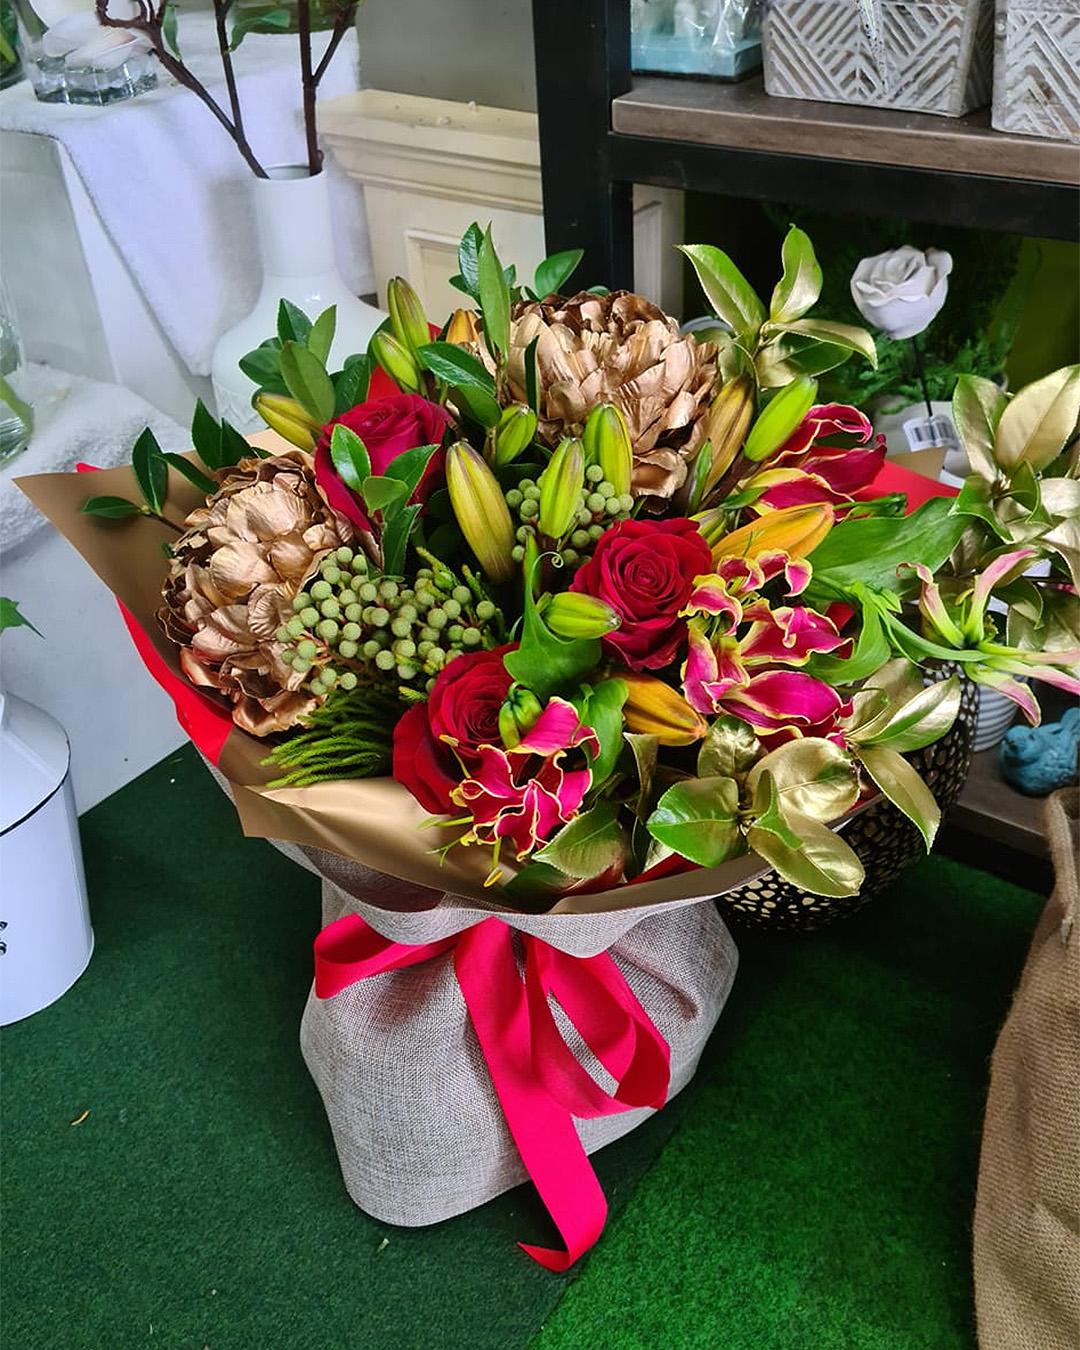 Flowers looking wonderful at Green Bay florist.